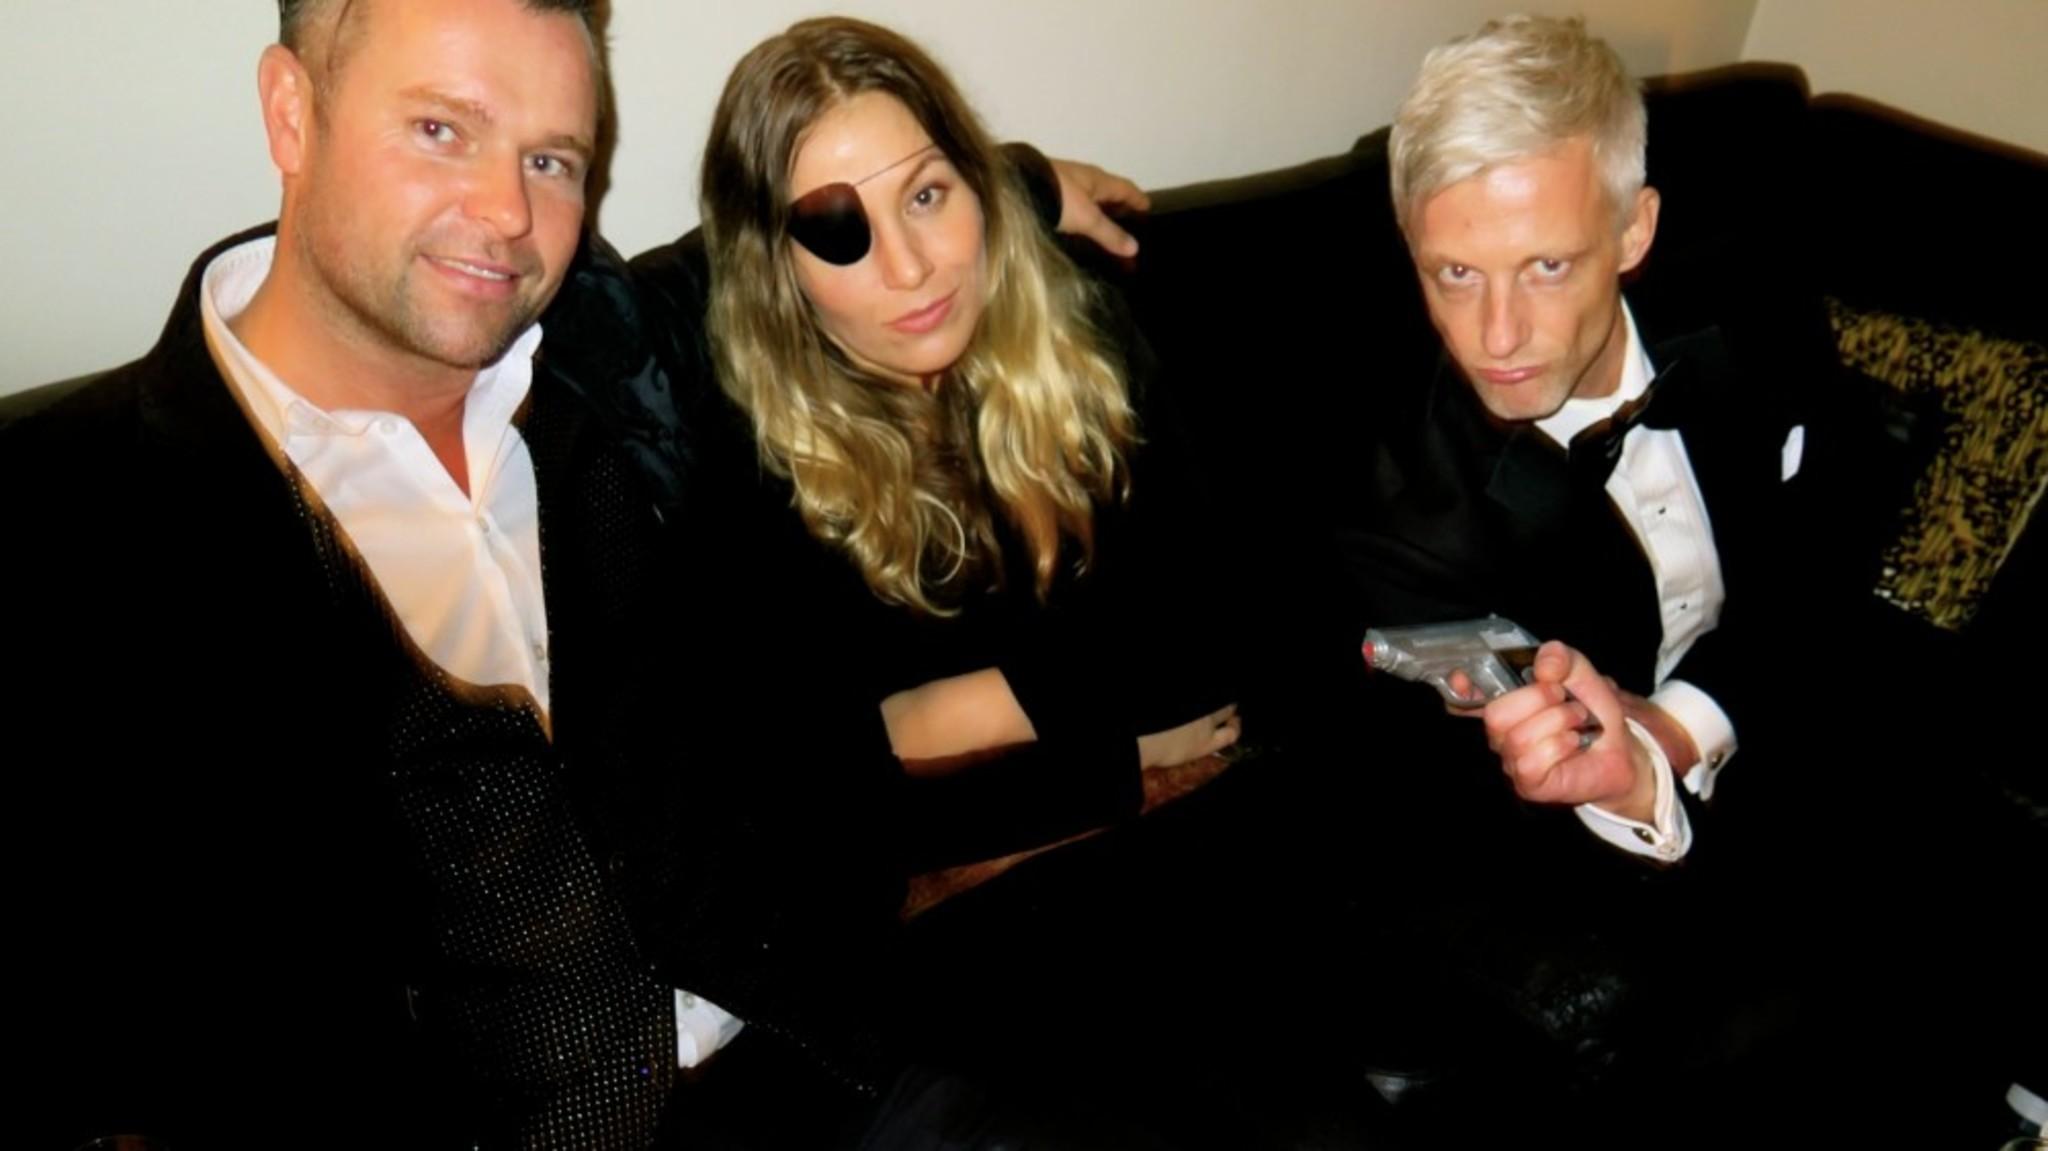 007 & Kill Bill!